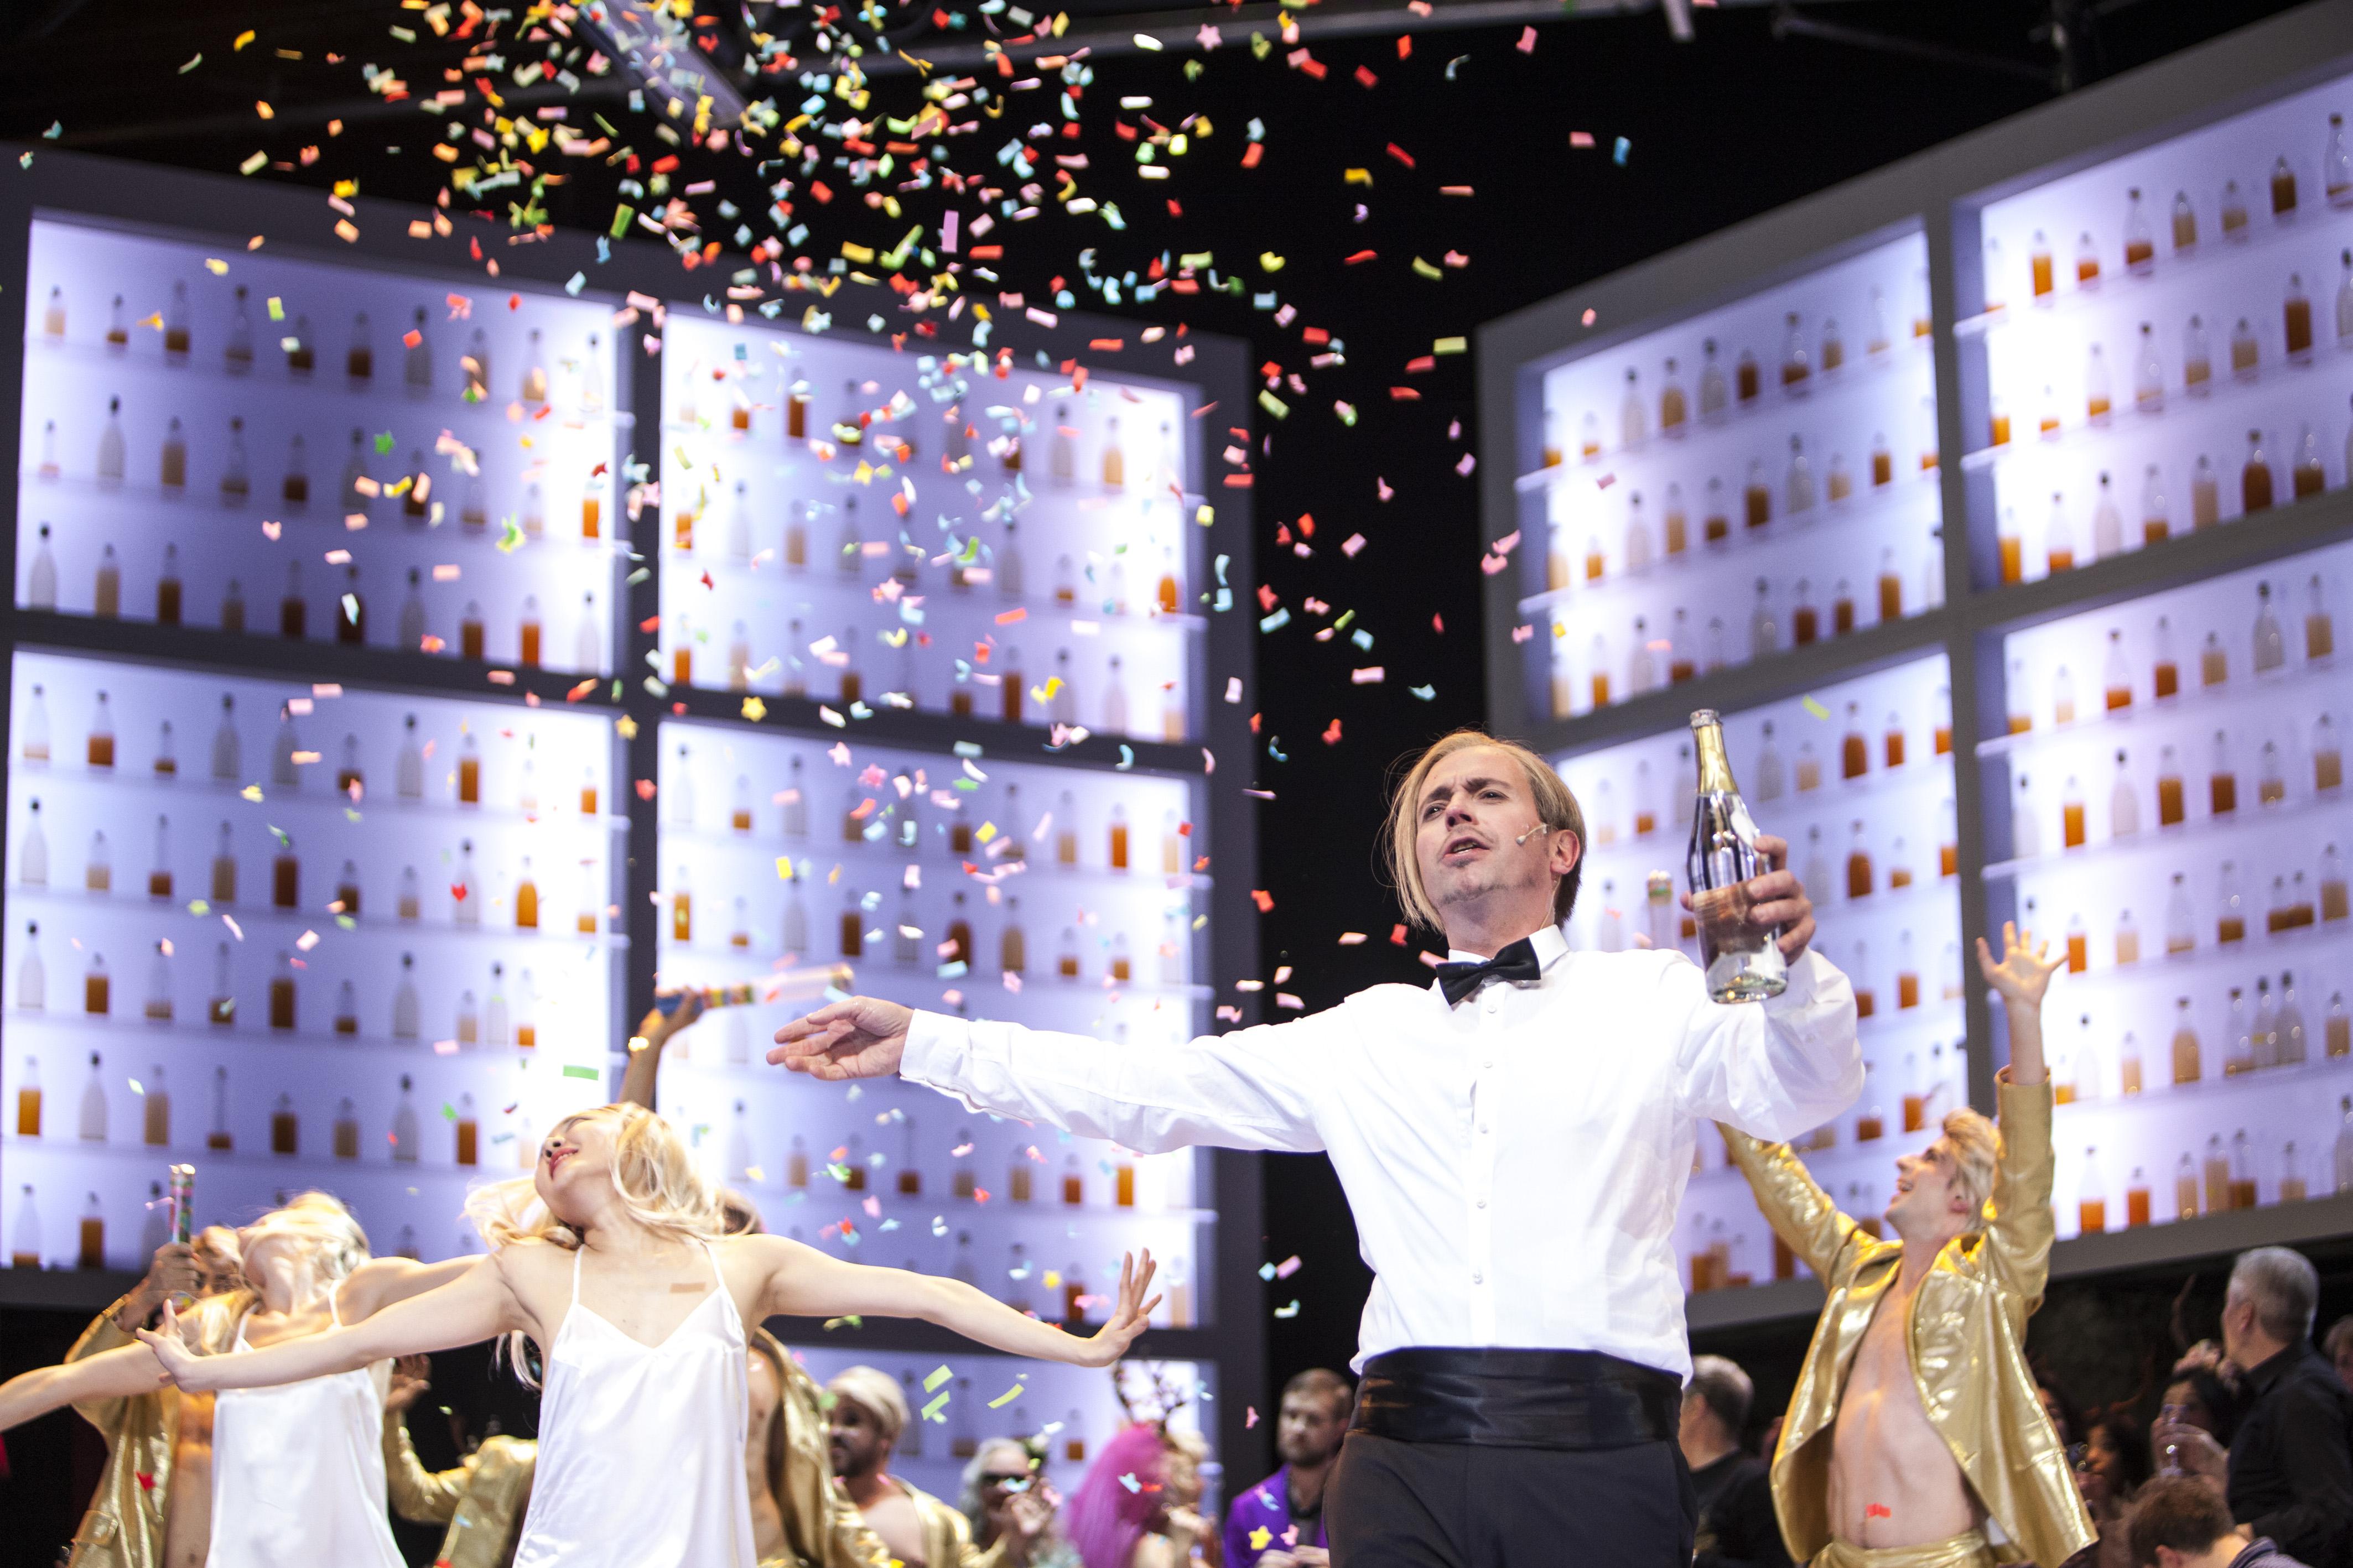 Miljenko Turk als Gabriel von Eisenstein ist der Star des Abends © Bernd Uhlig